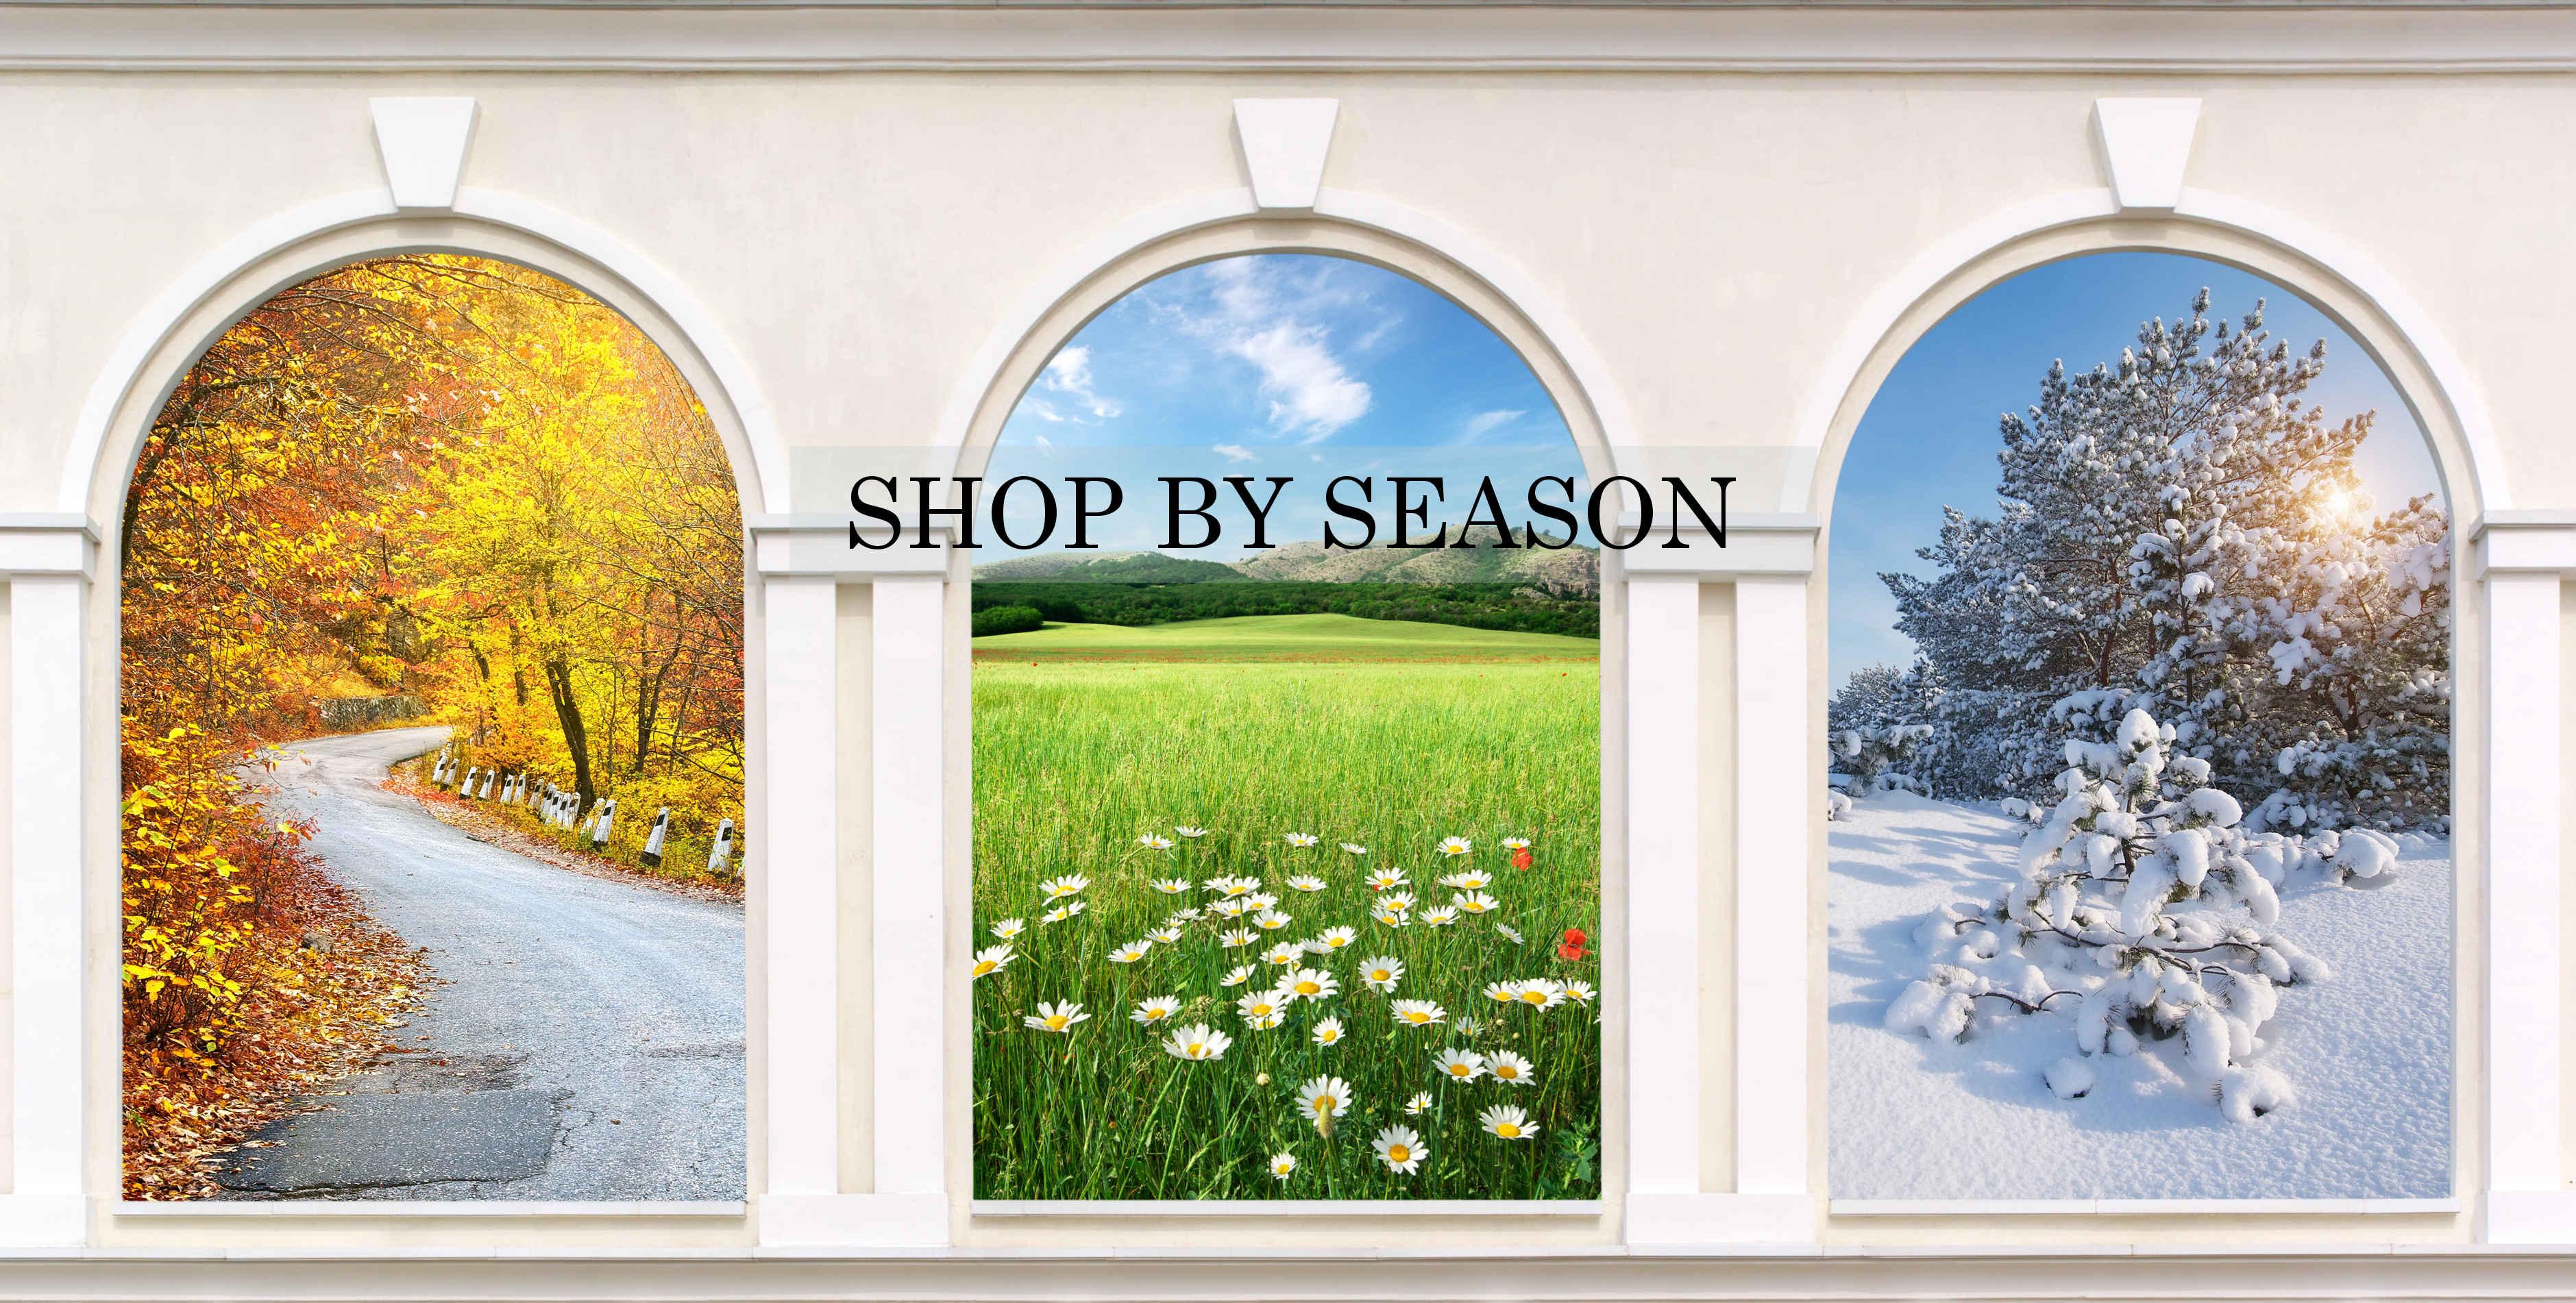 Shop by Season